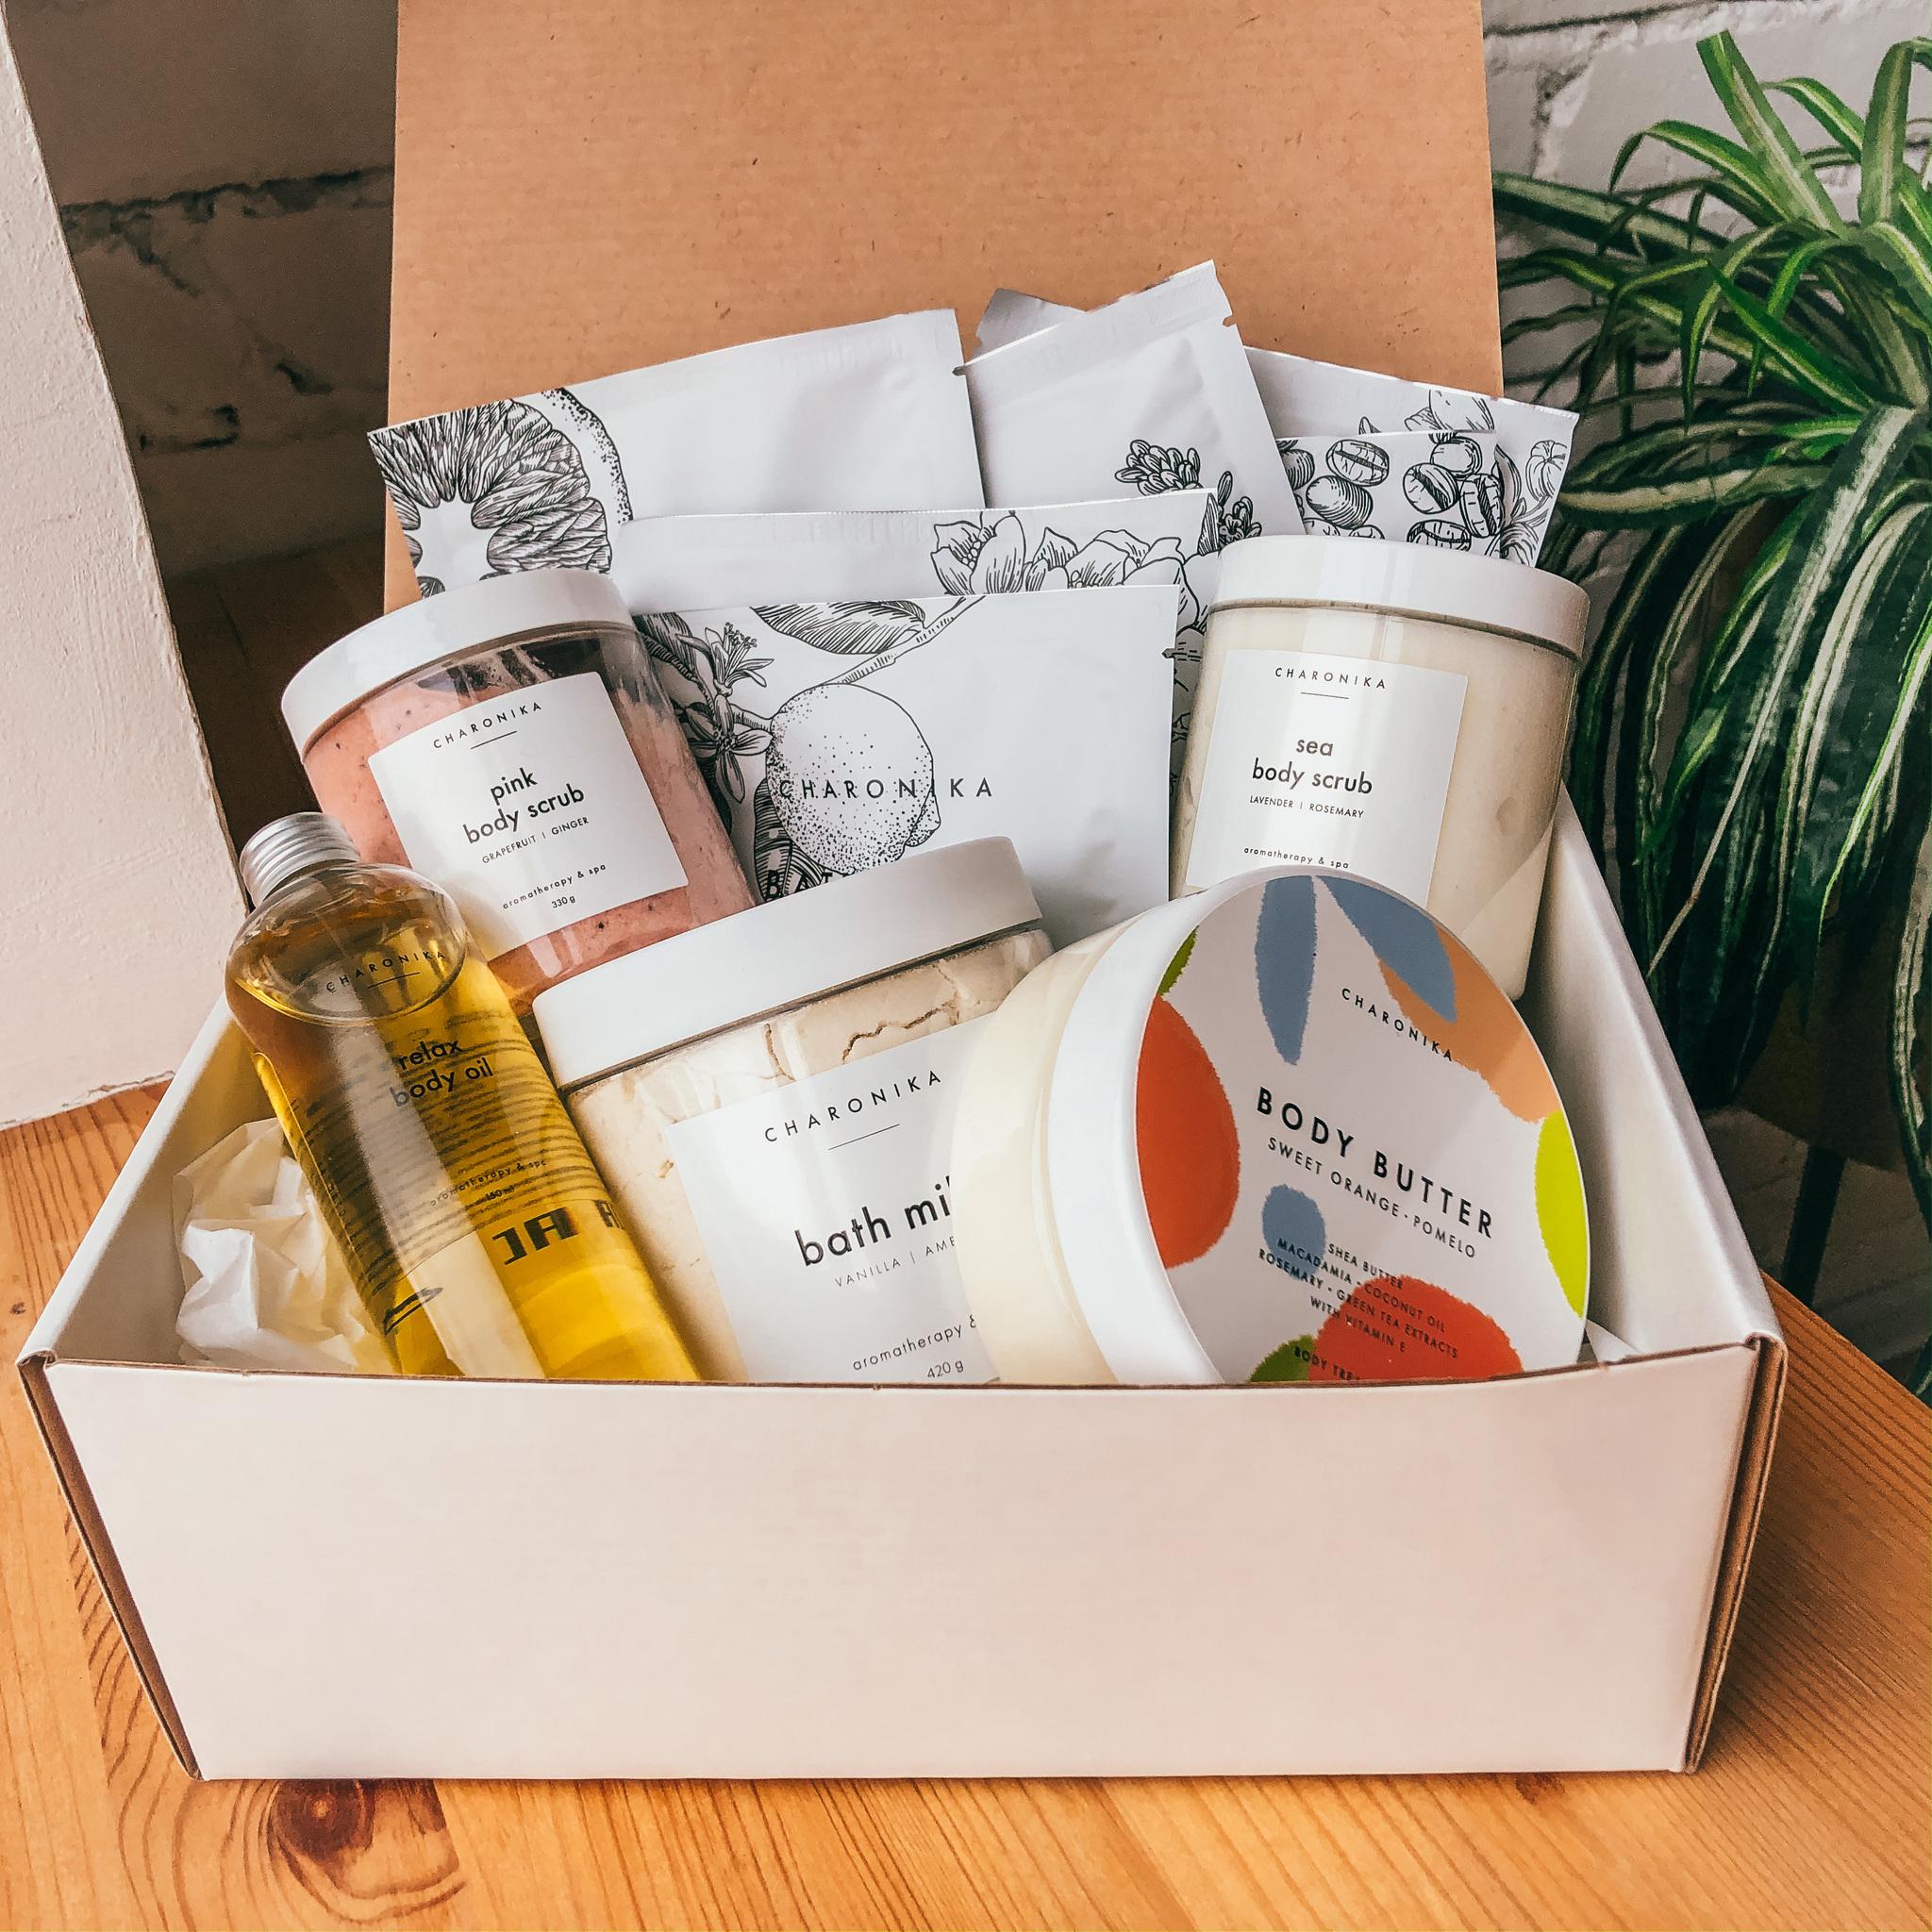 BOX by Galiya Berdnikova